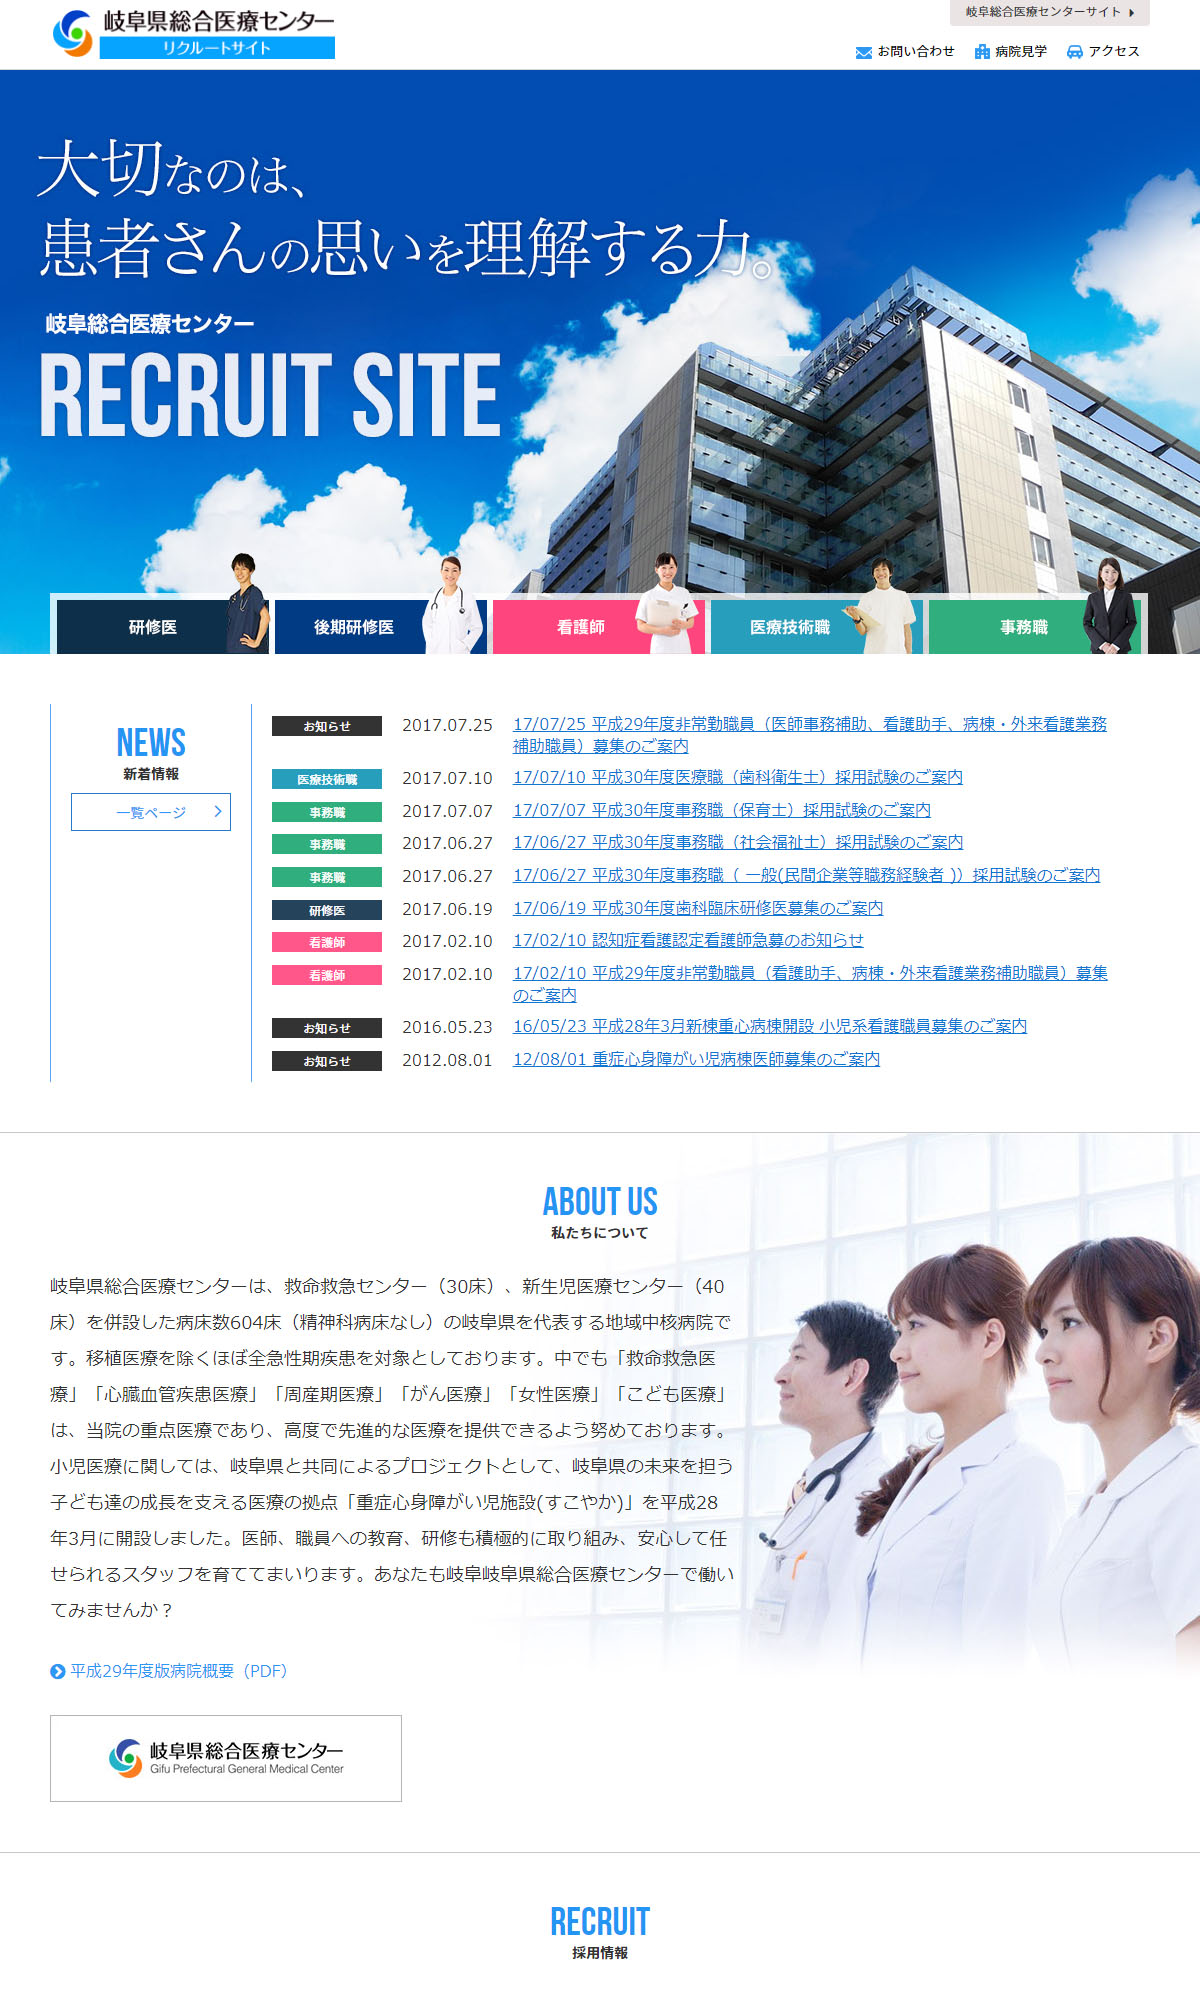 岐阜総合医療センター